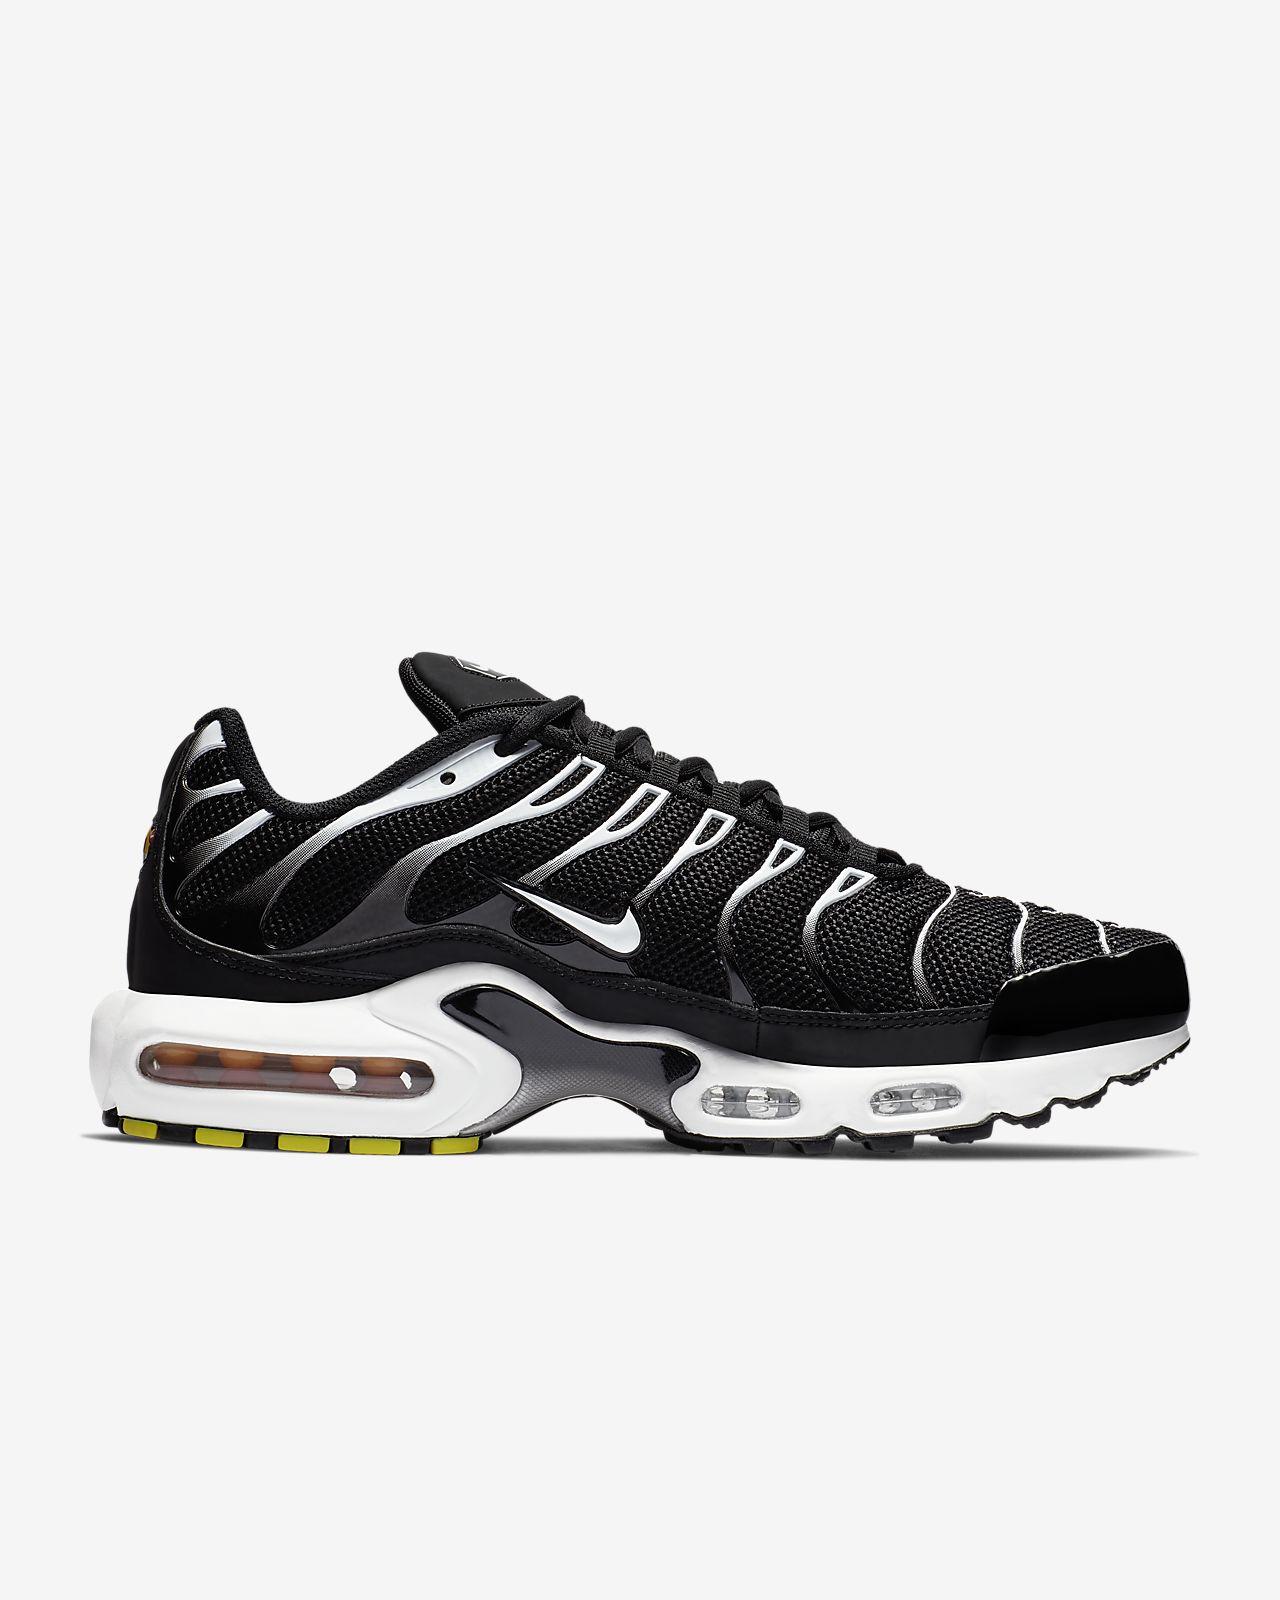 wholesale dealer 14d5c ca6a9 ... Chaussure Nike Air Max Plus pour Homme